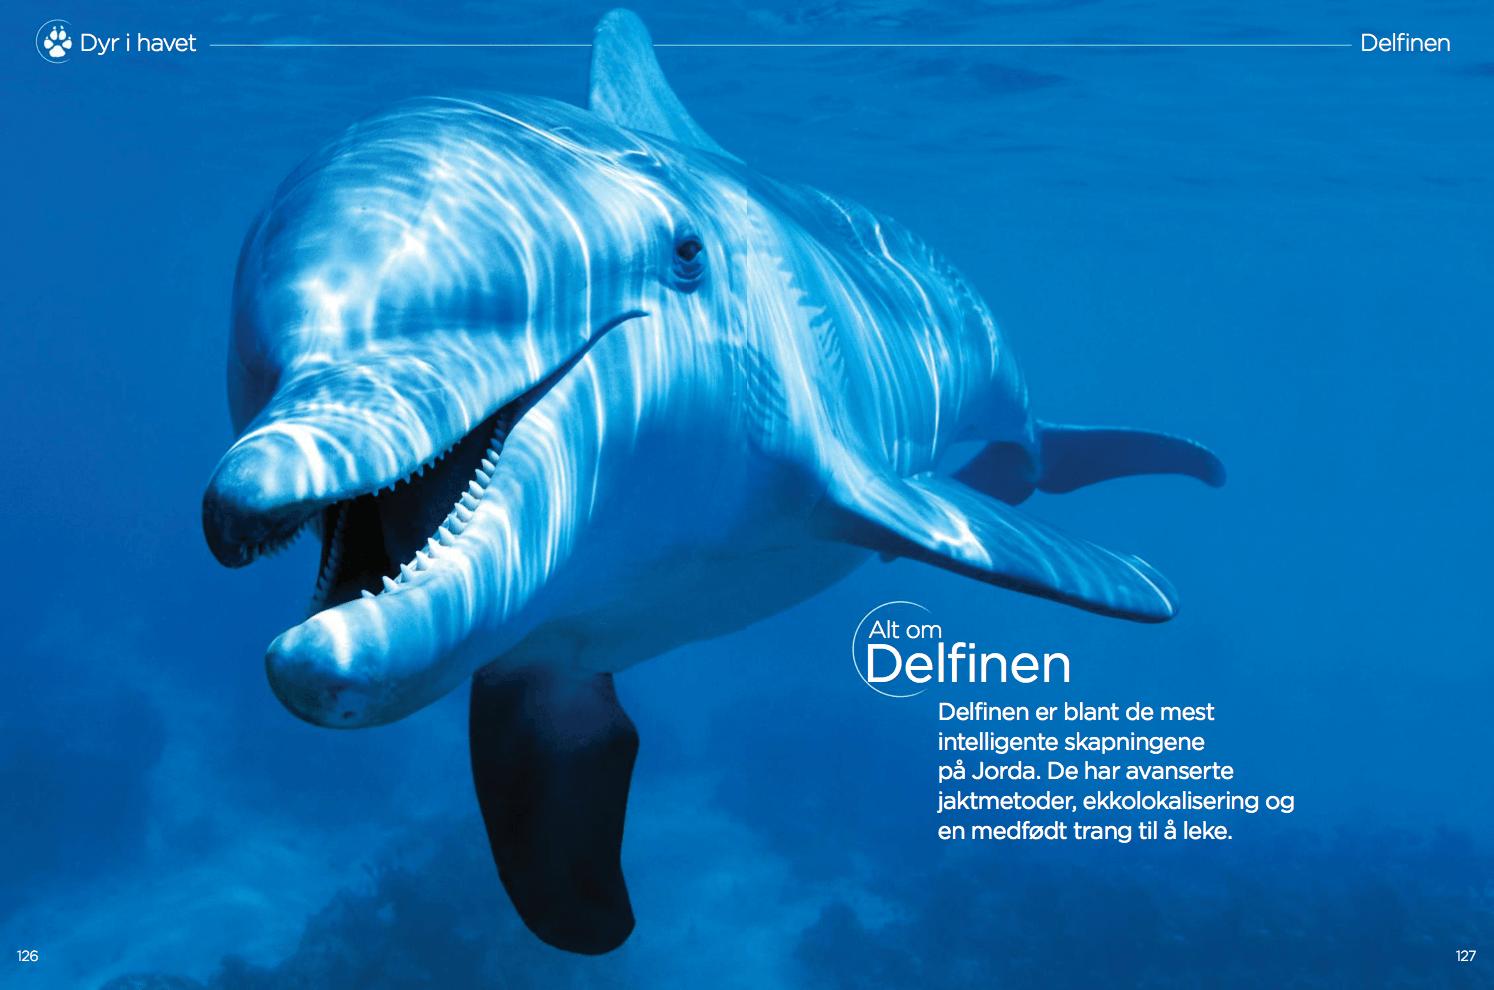 Alt om delfinen, oppslag